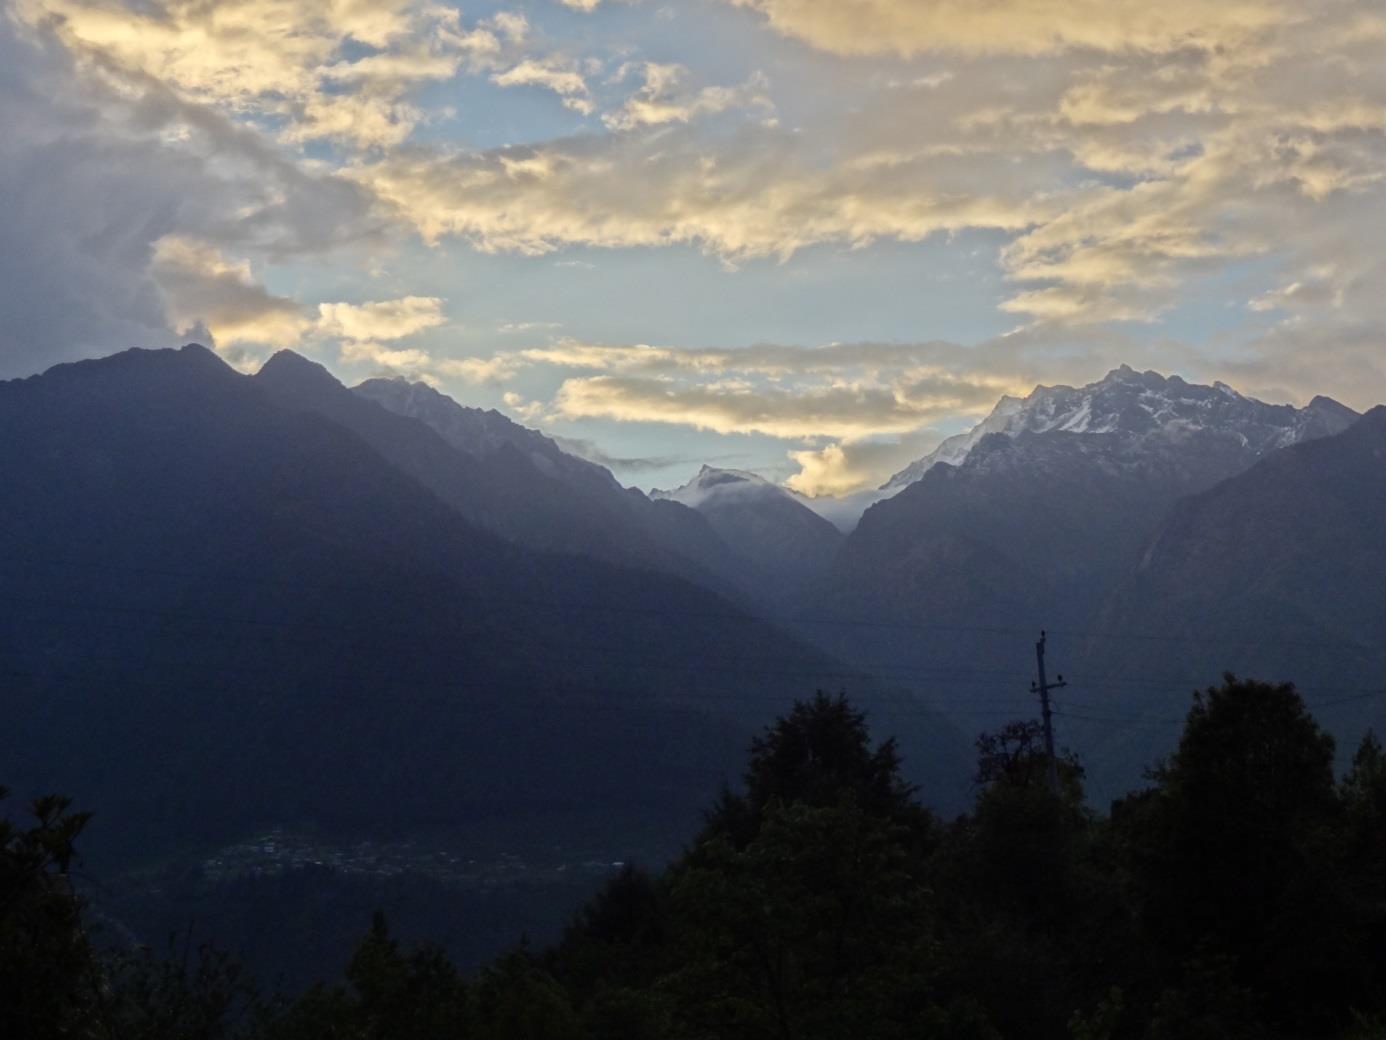 Szent hegyek, szent emberek